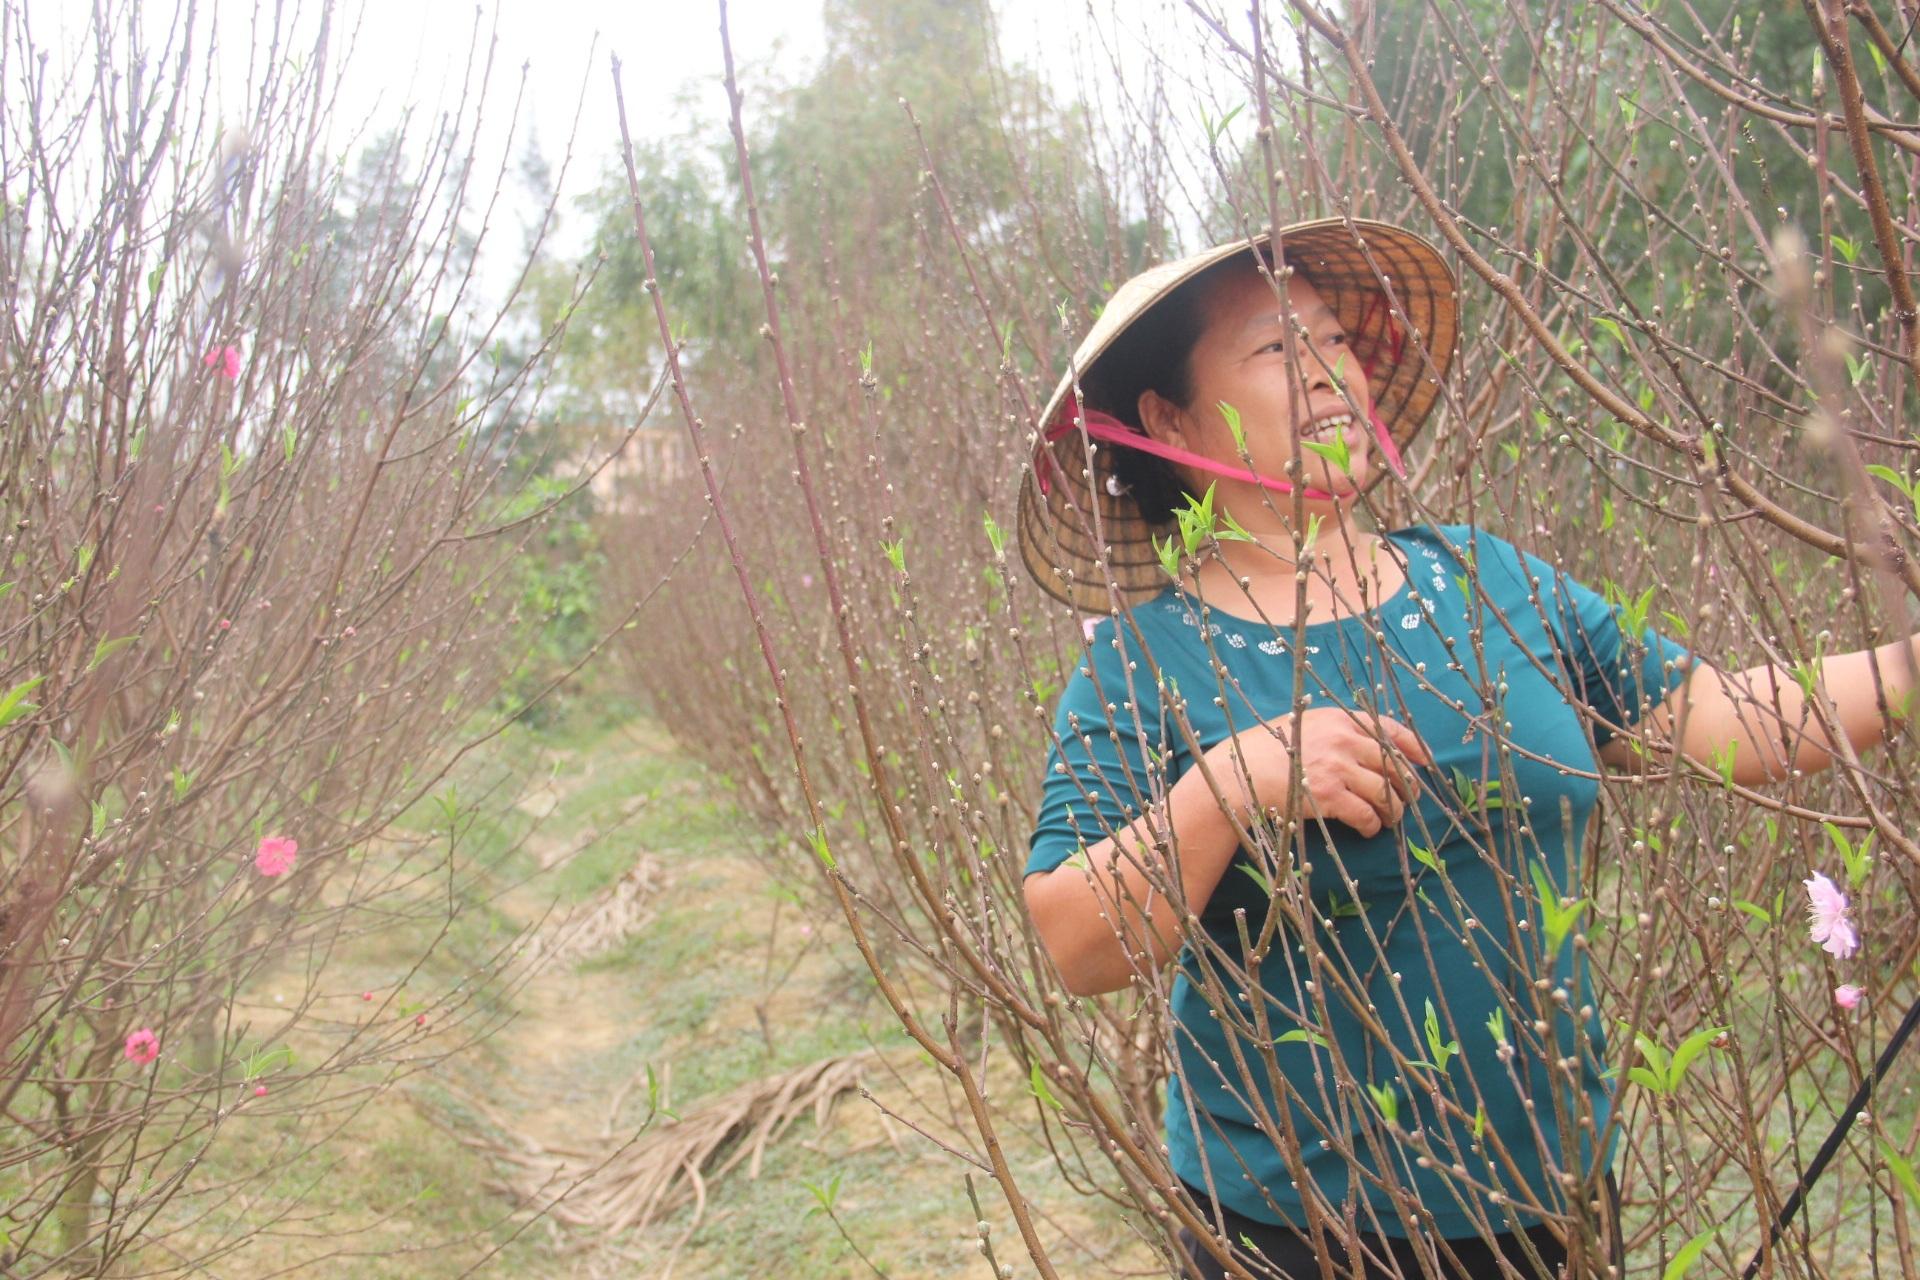 Đào Thạch Quý có nhiều lộc rất phù hợp với tâm lý mua đào của người dân Hà Tĩnh